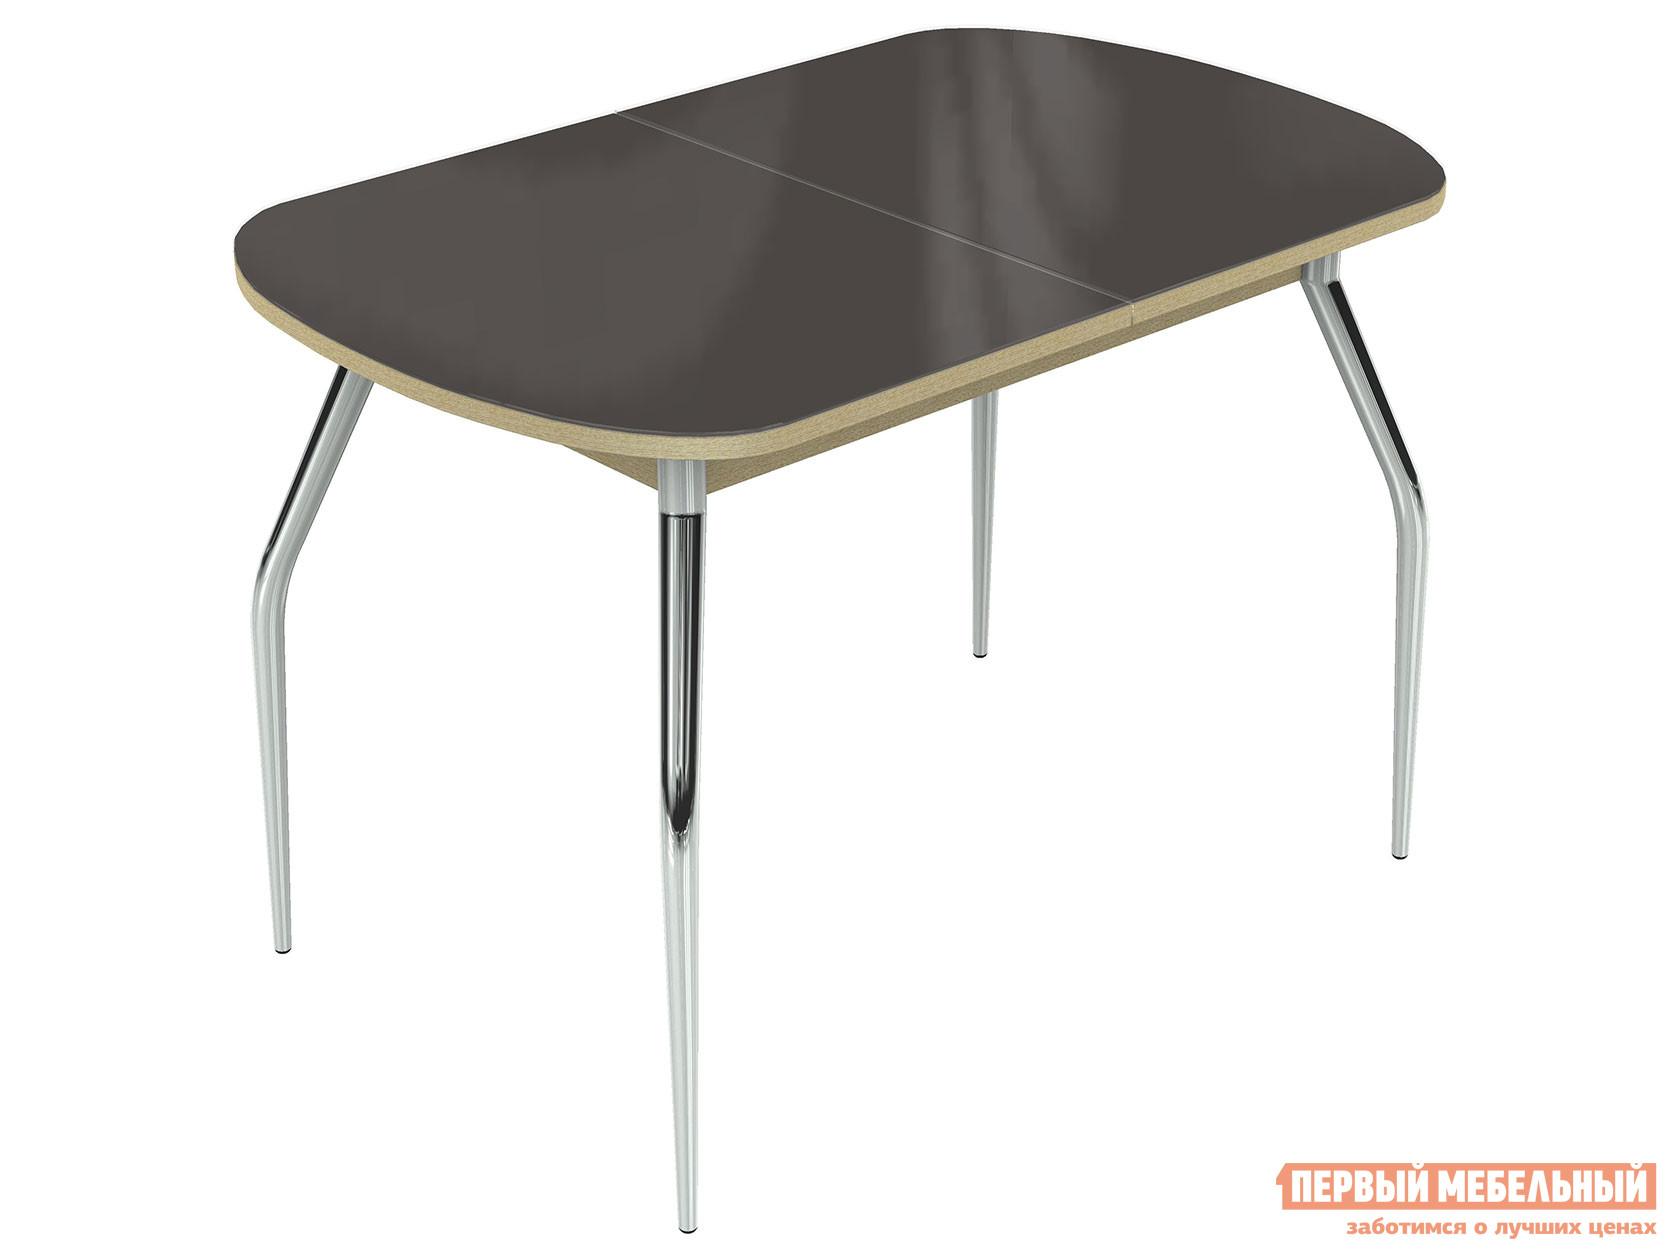 Кухонный стол Линоторг Ривьера - Стекло - Хром